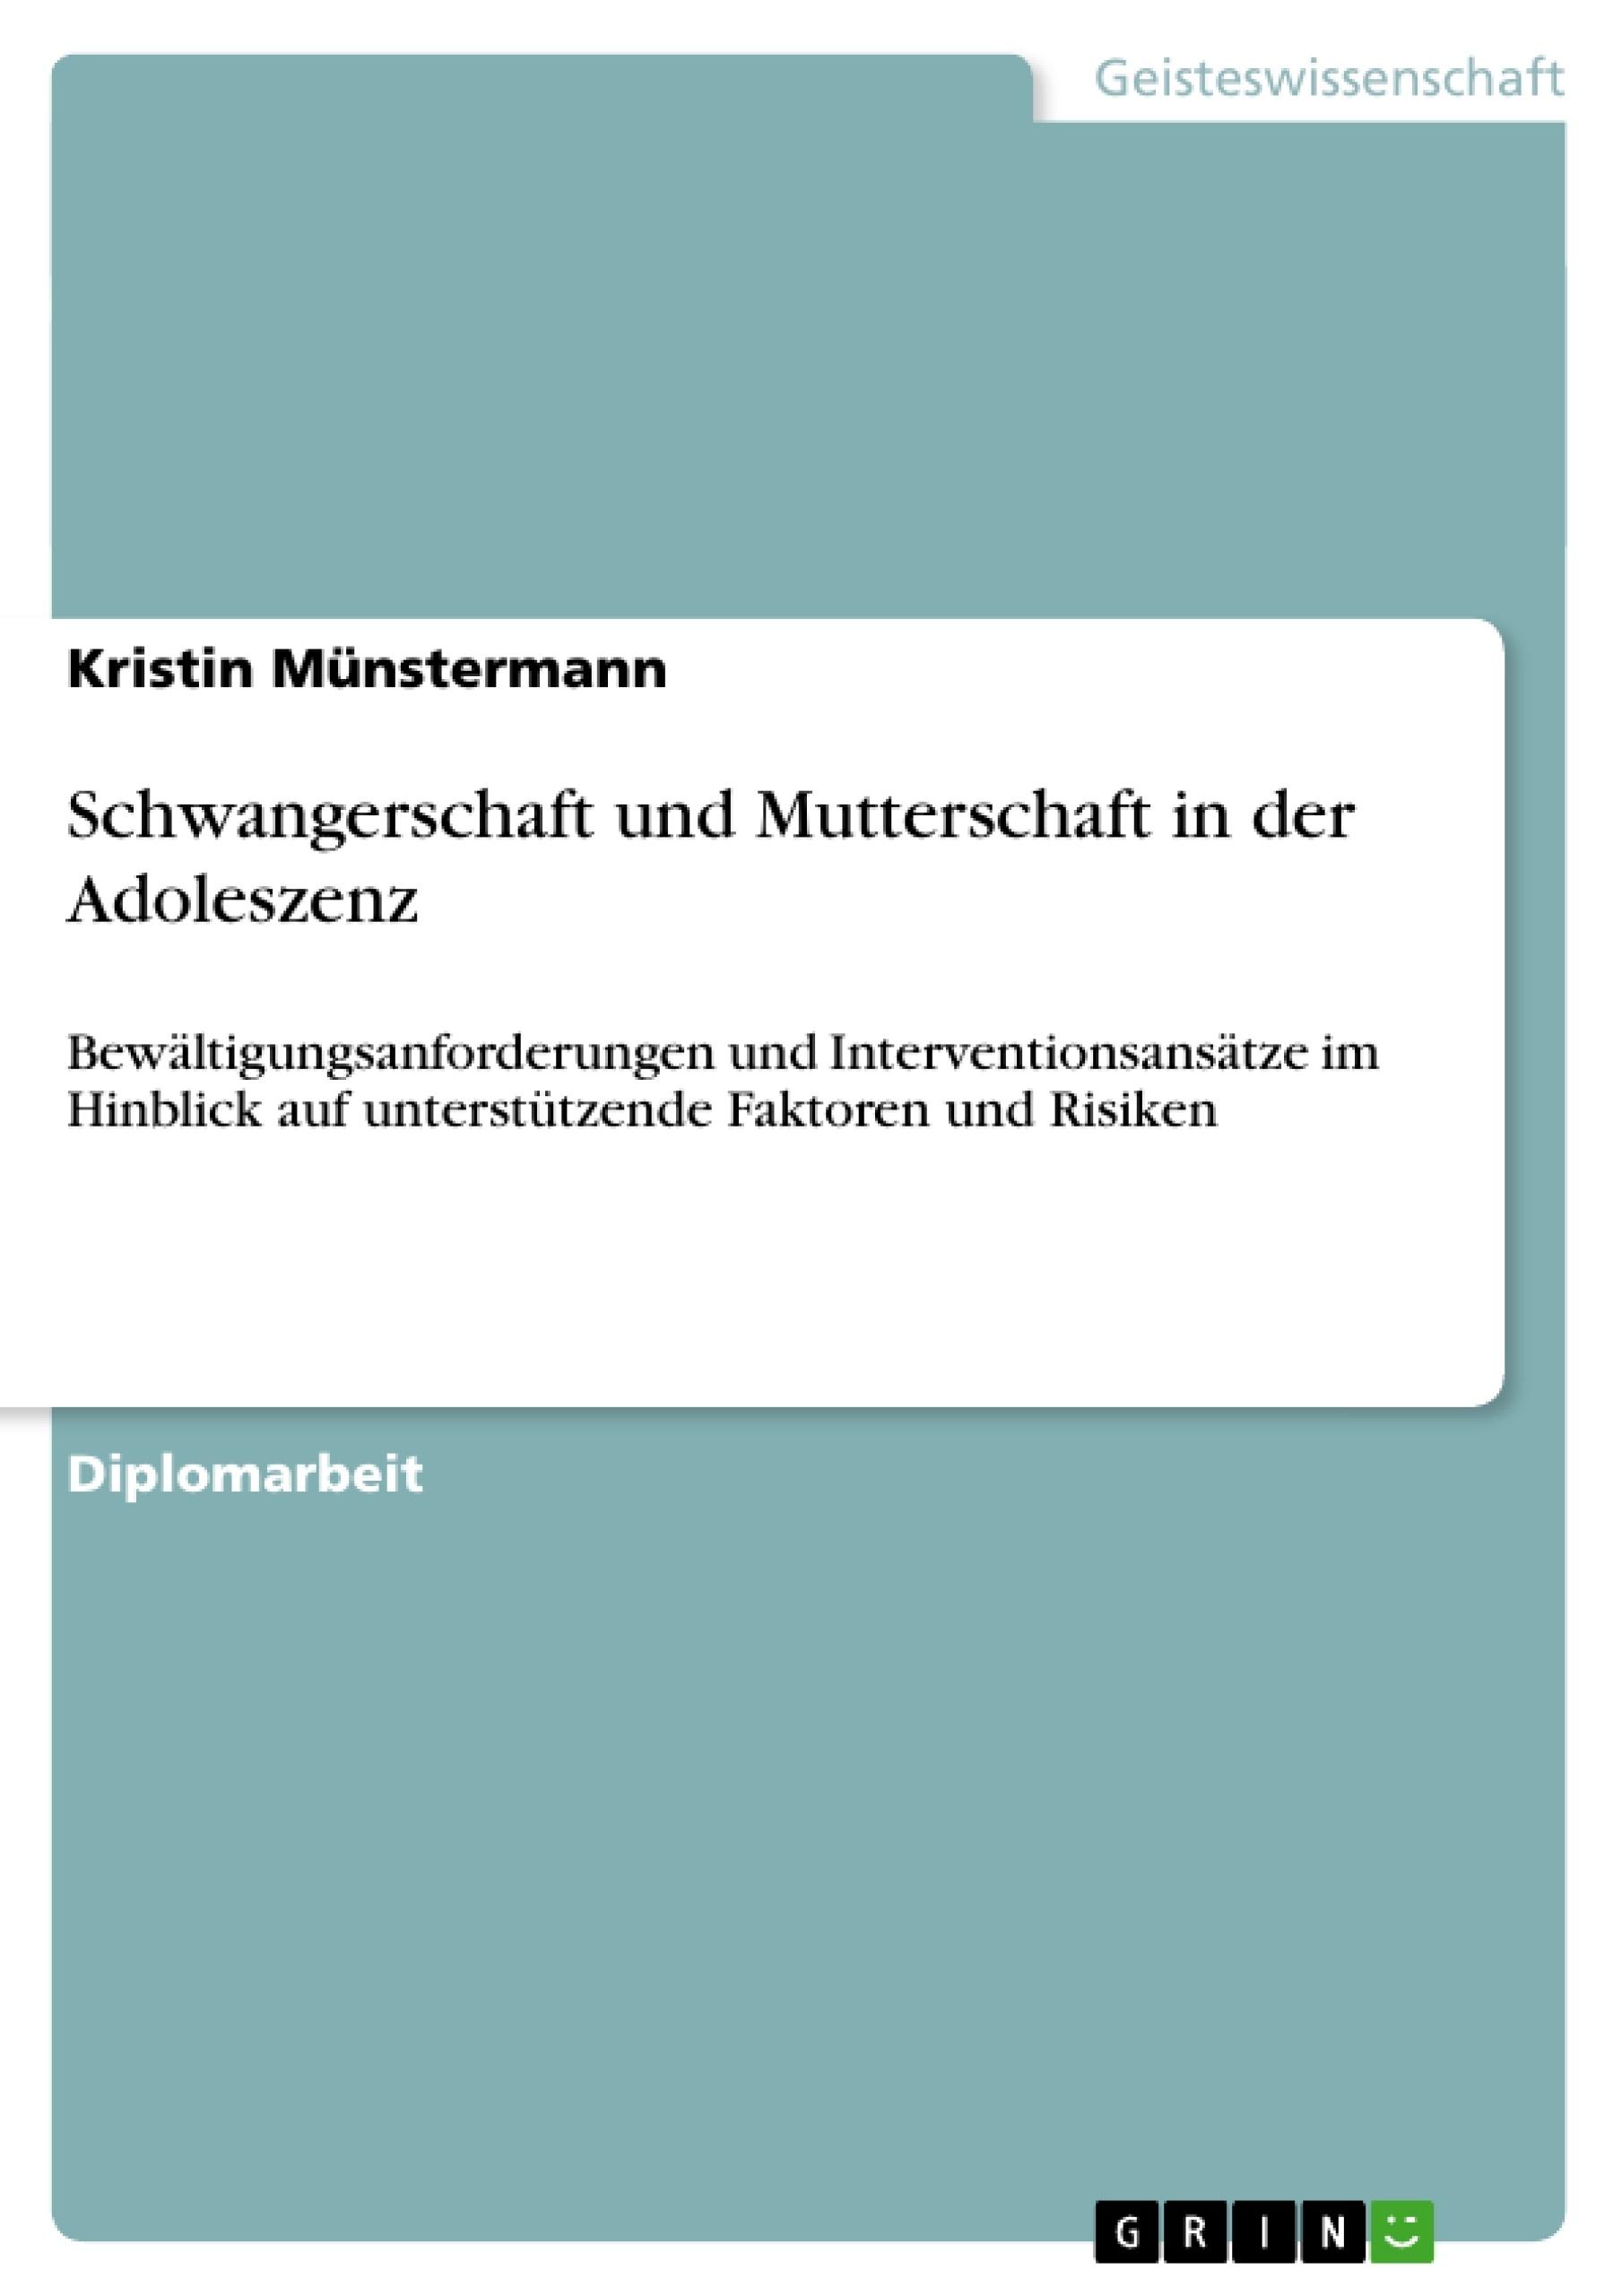 Titel: Schwangerschaft und Mutterschaft in der Adoleszenz